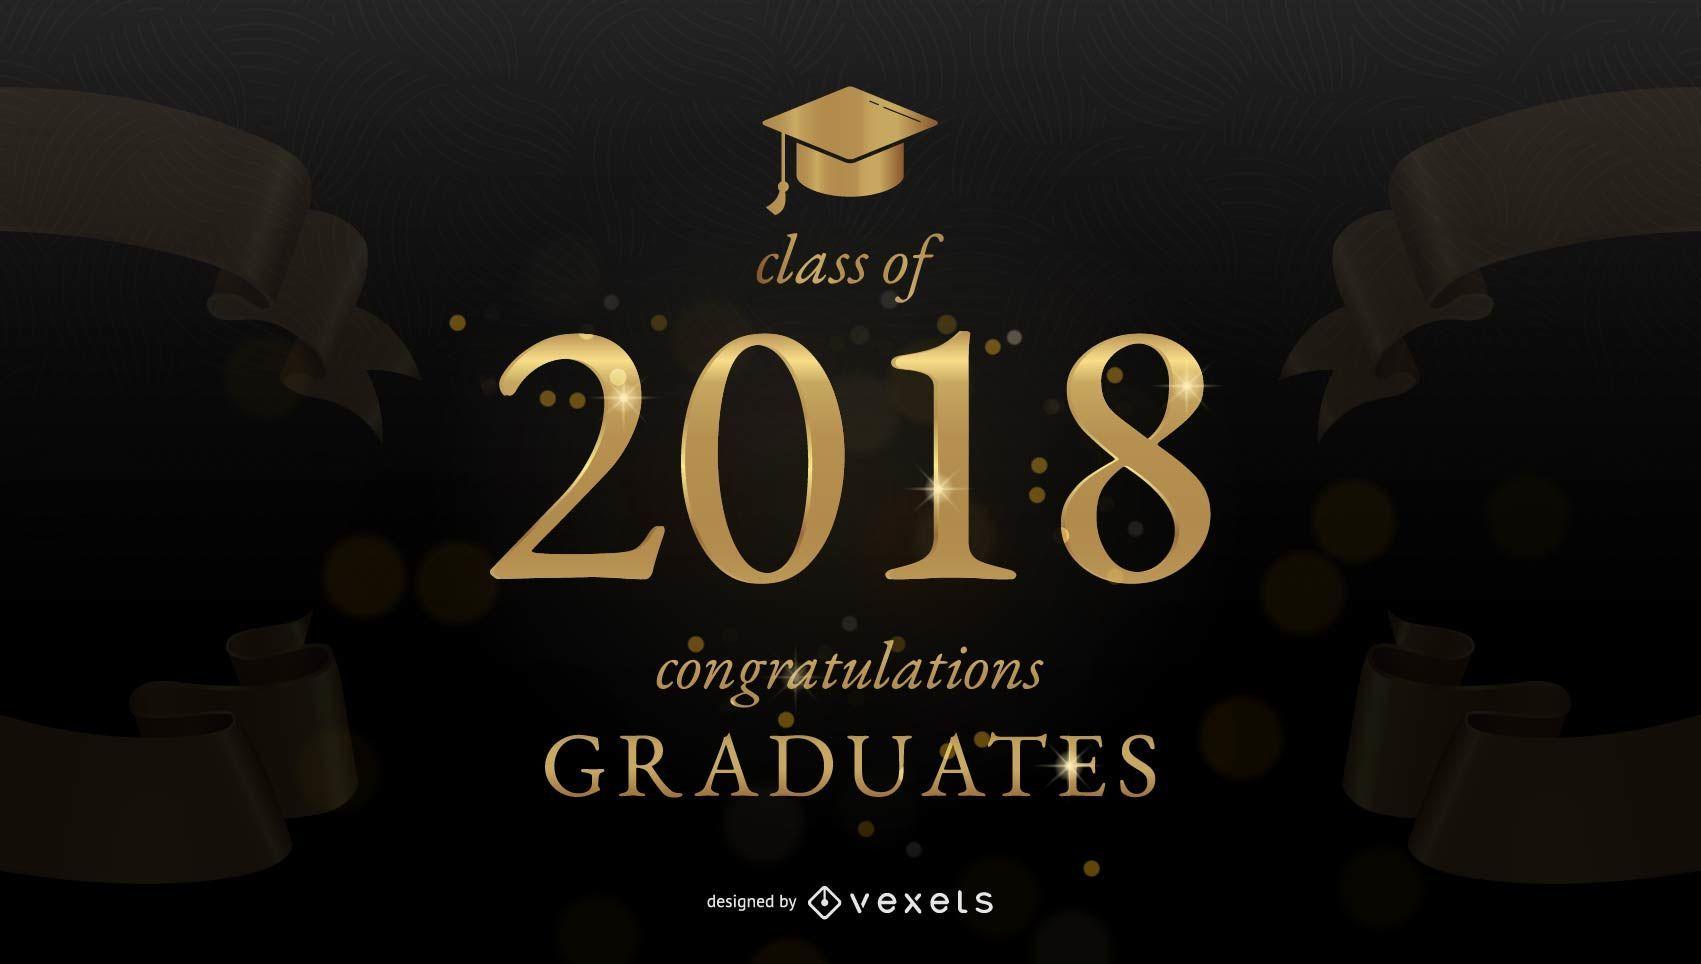 Banner de felicitaciones de graduaci?n